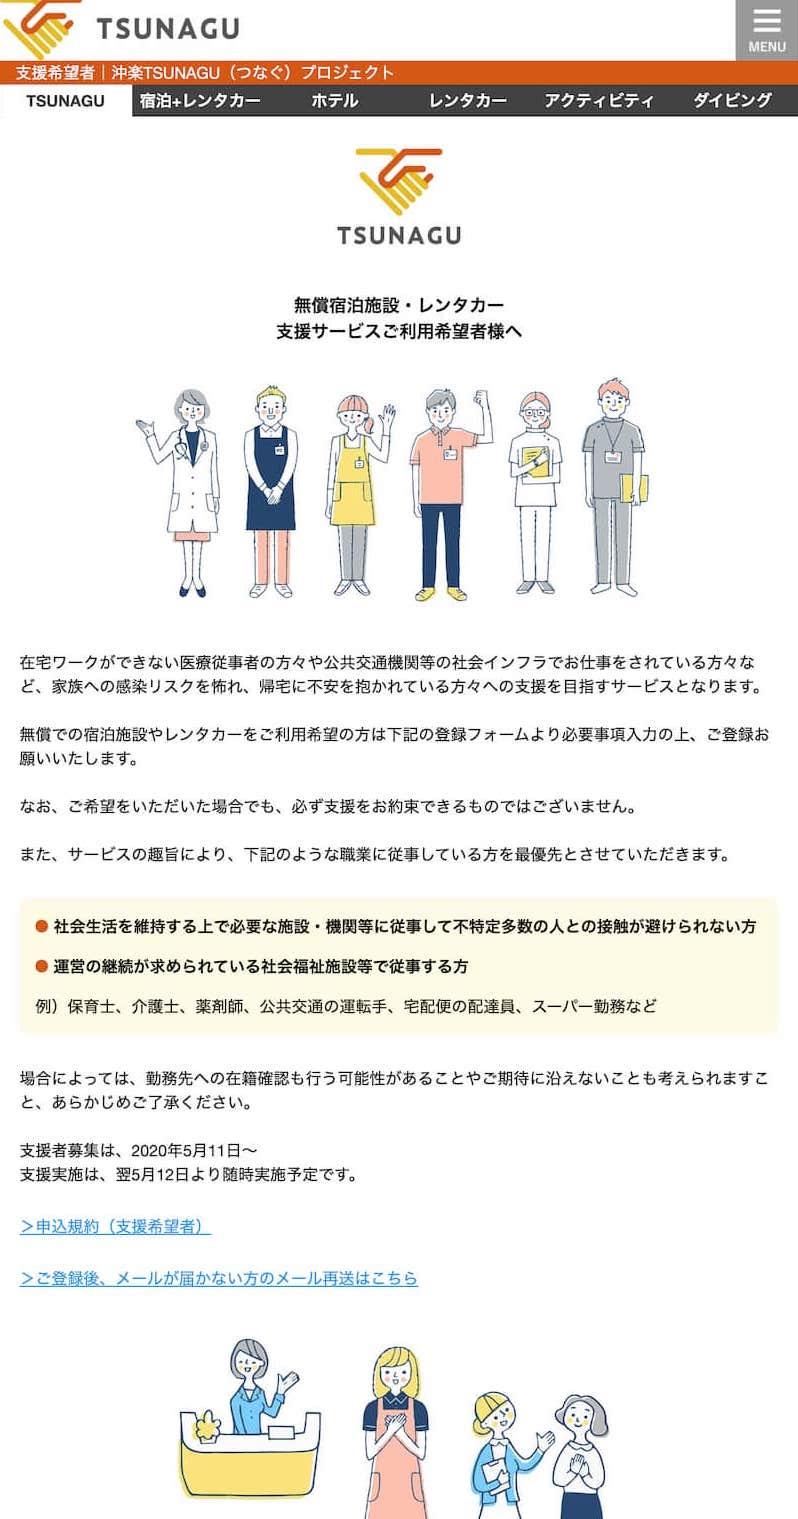 TSUNAGU(つなぐ)プロジェクト支援サービスご利用希望者様へのサイトイメージ画像